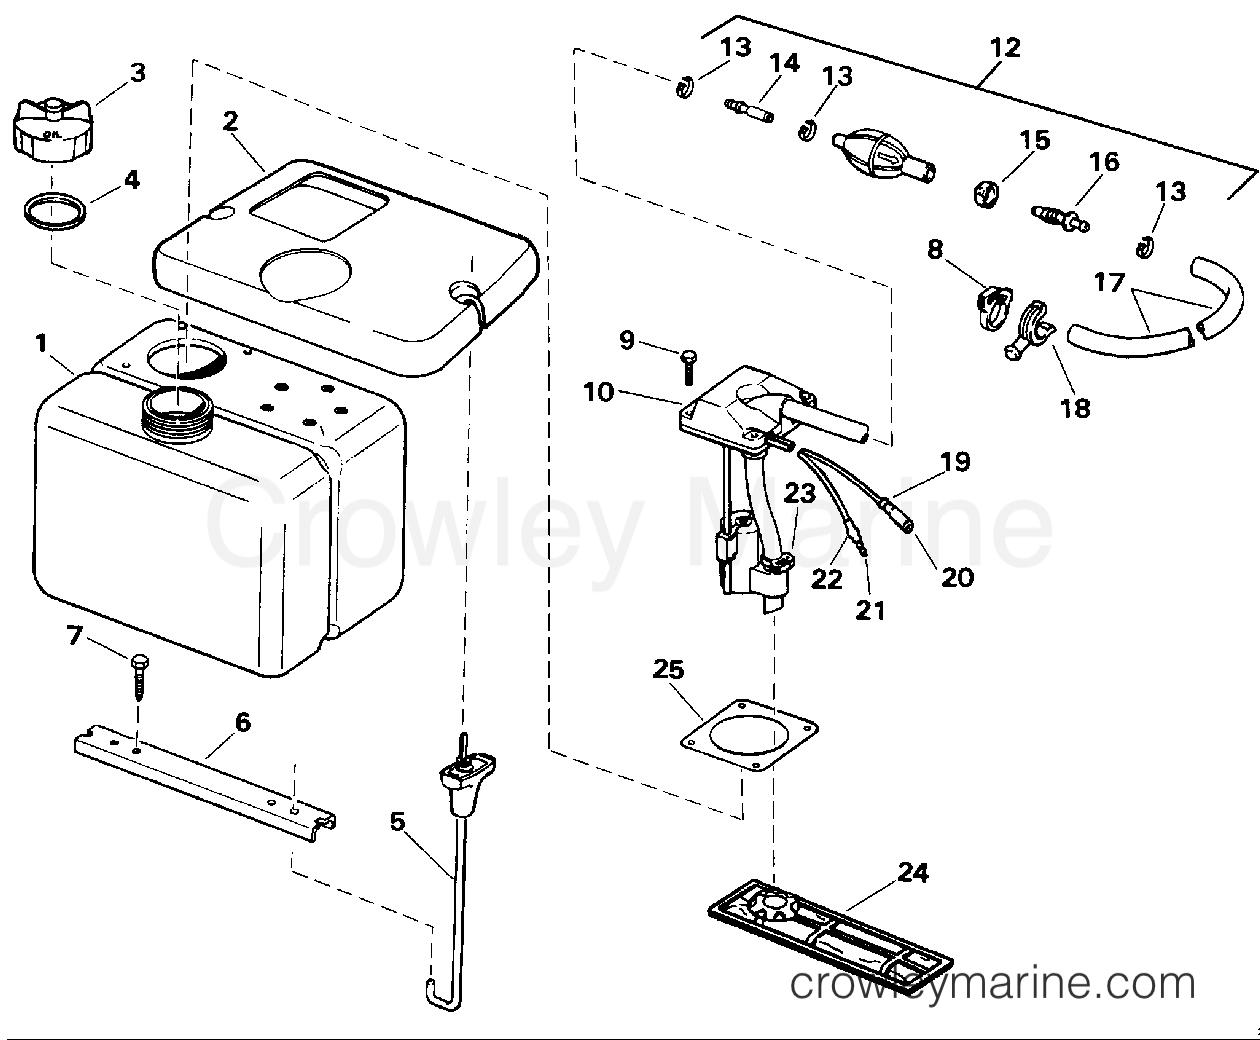 Vro2 Oil Tank Kit